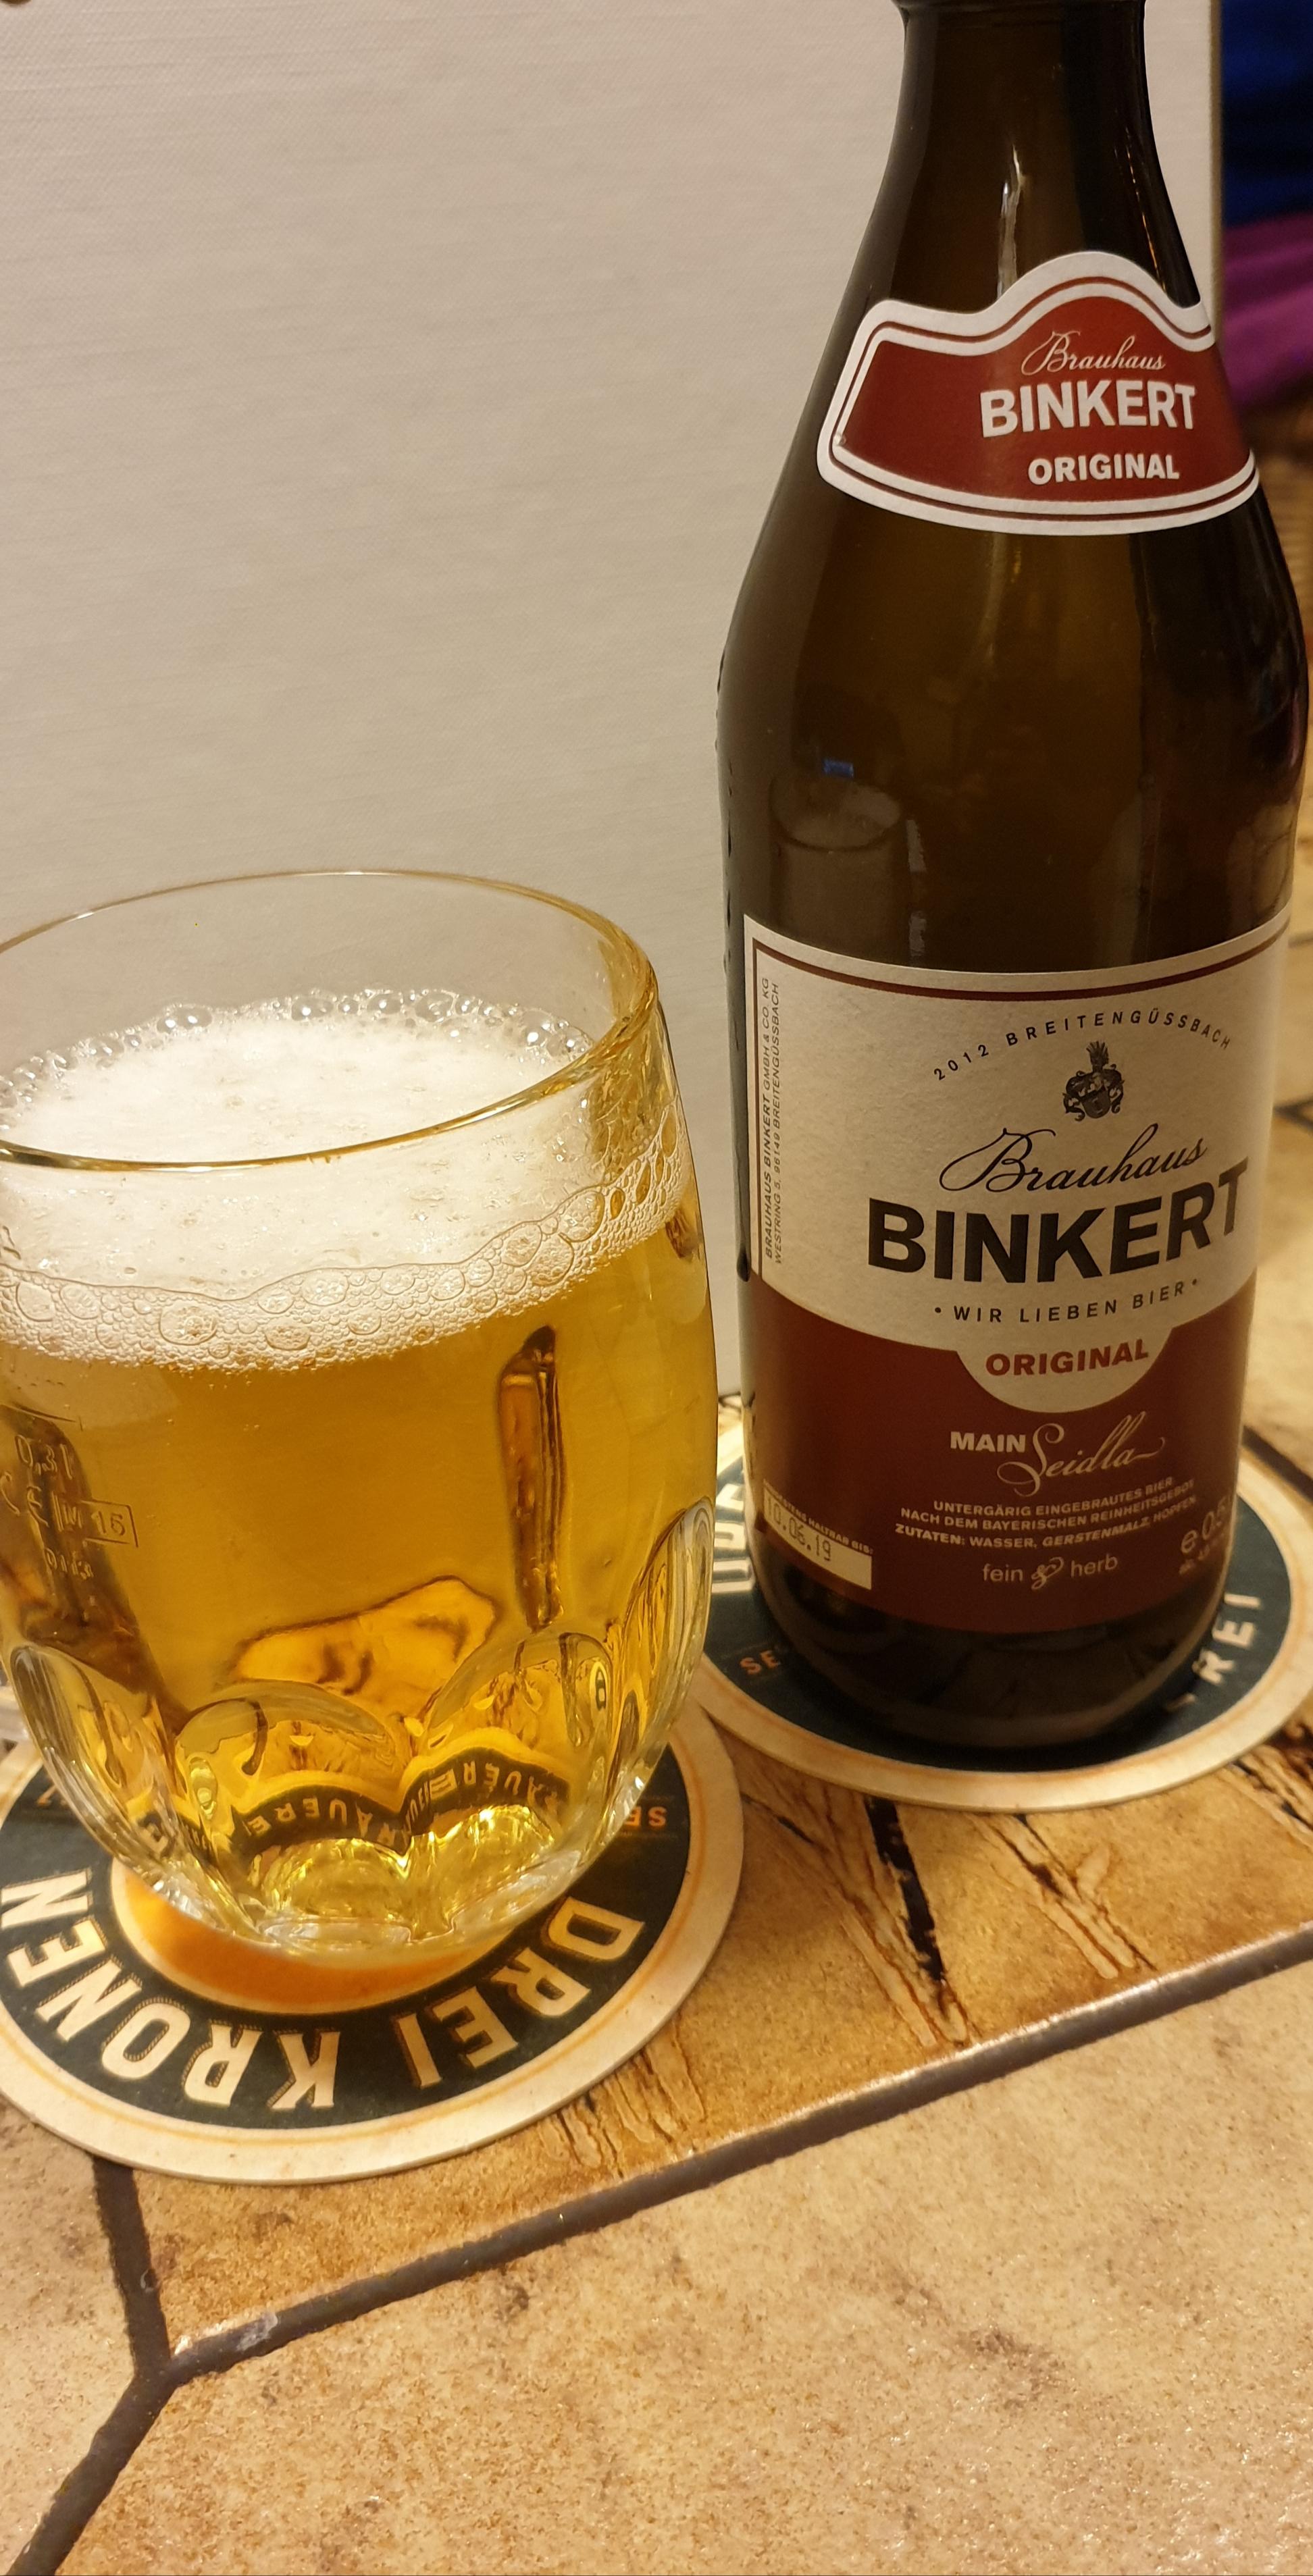 Biertestserie Oberfranken : Brauhaus Binkert – Main Seidla Original